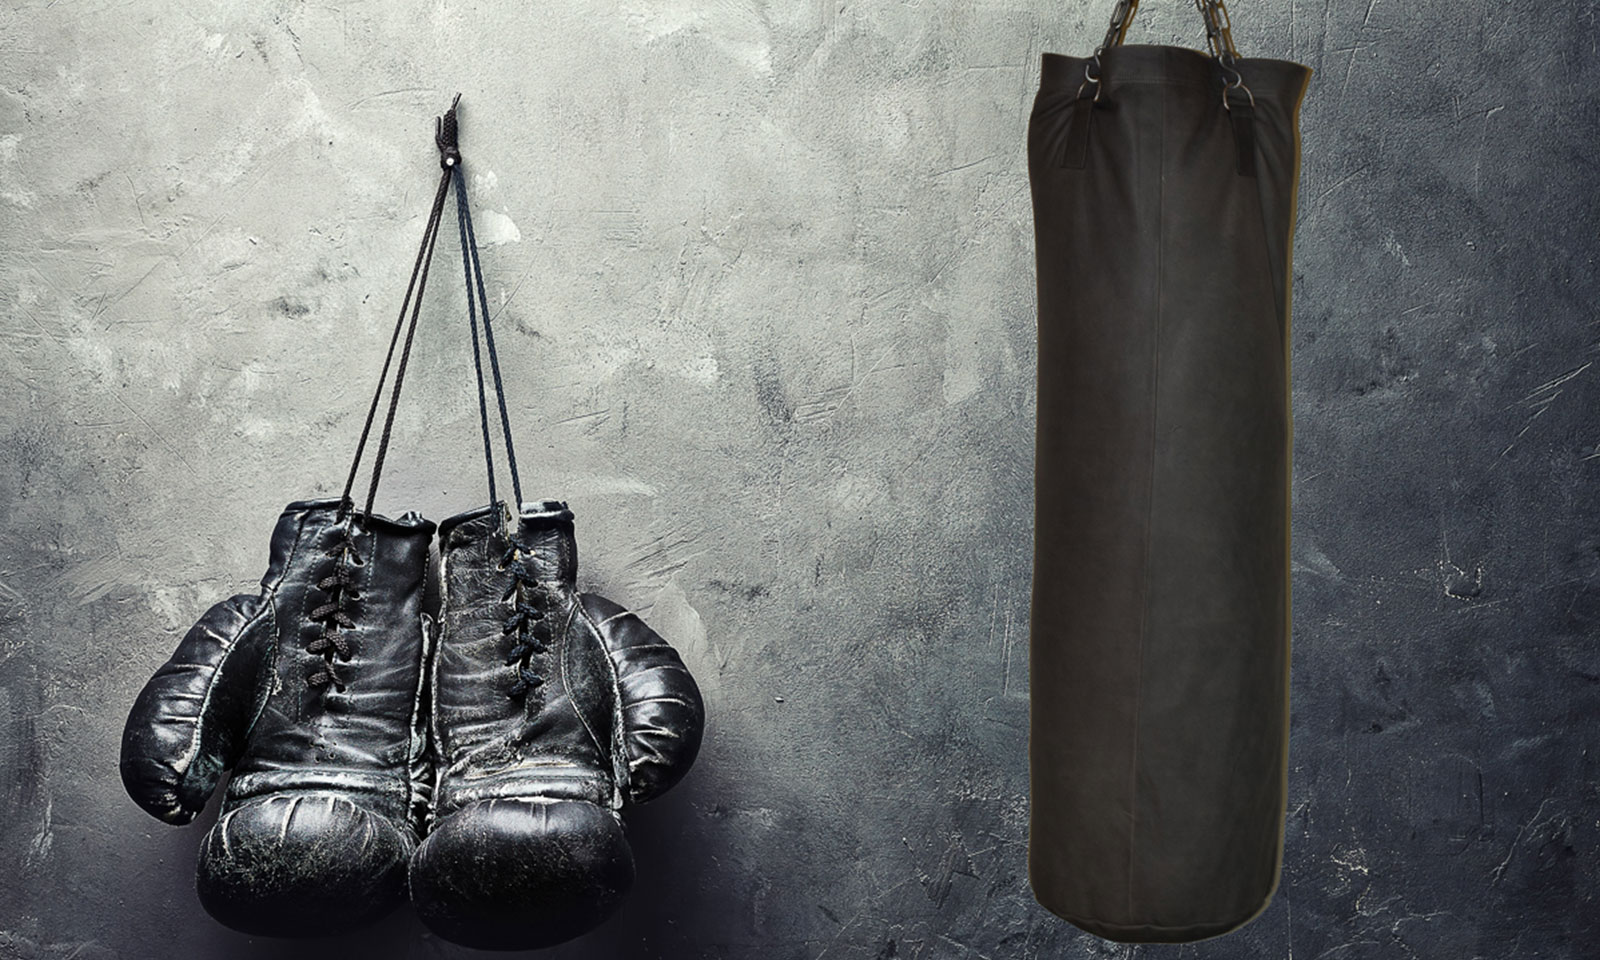 Bokszak en bokshandschoenen